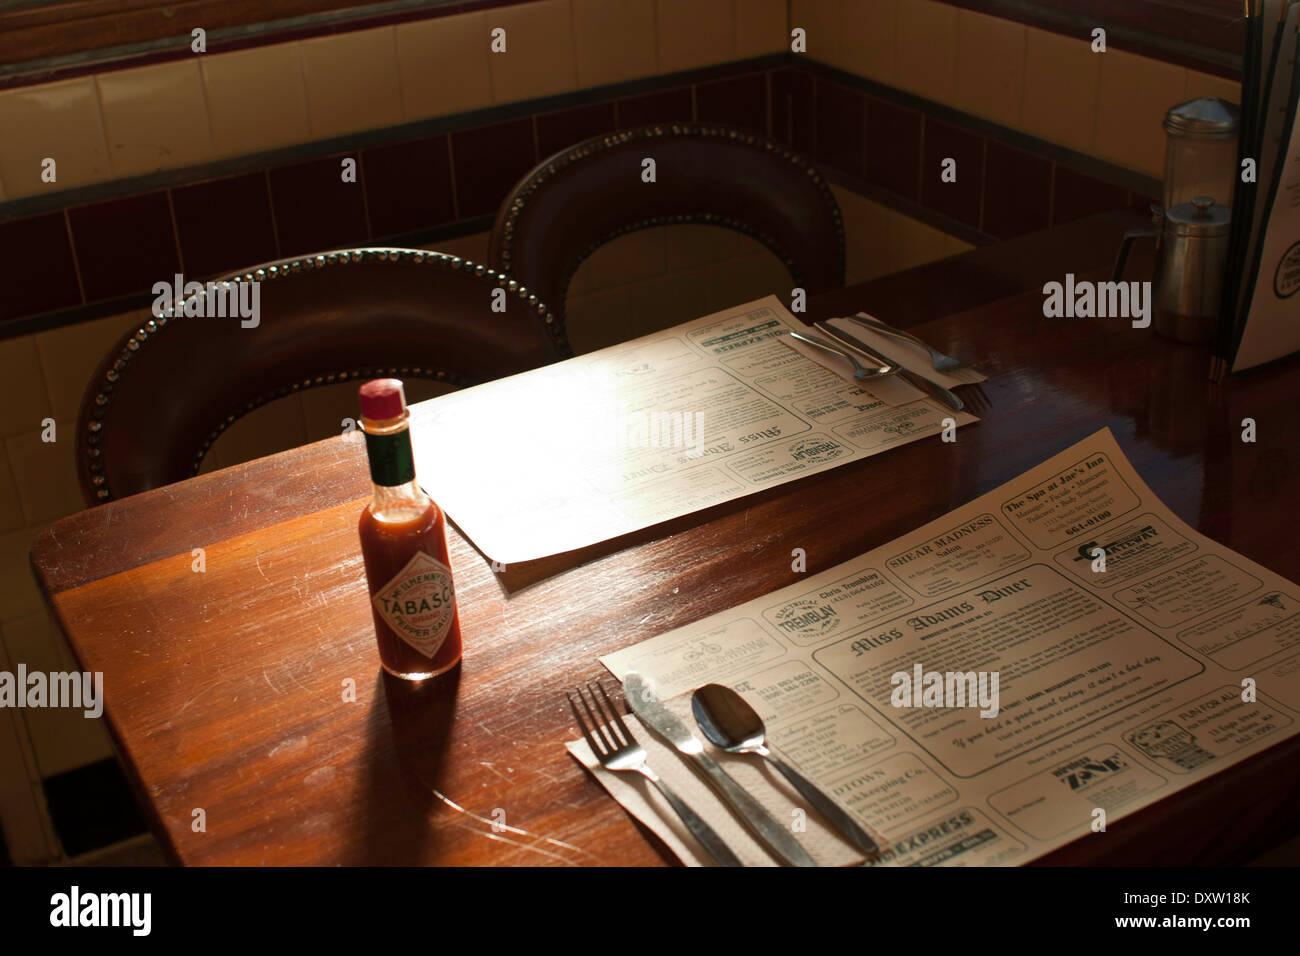 Diner condimenti sedersi al tavolo in una piccola città diner. Sottopiatti pubblicizzare le imprese locali. Immagini Stock